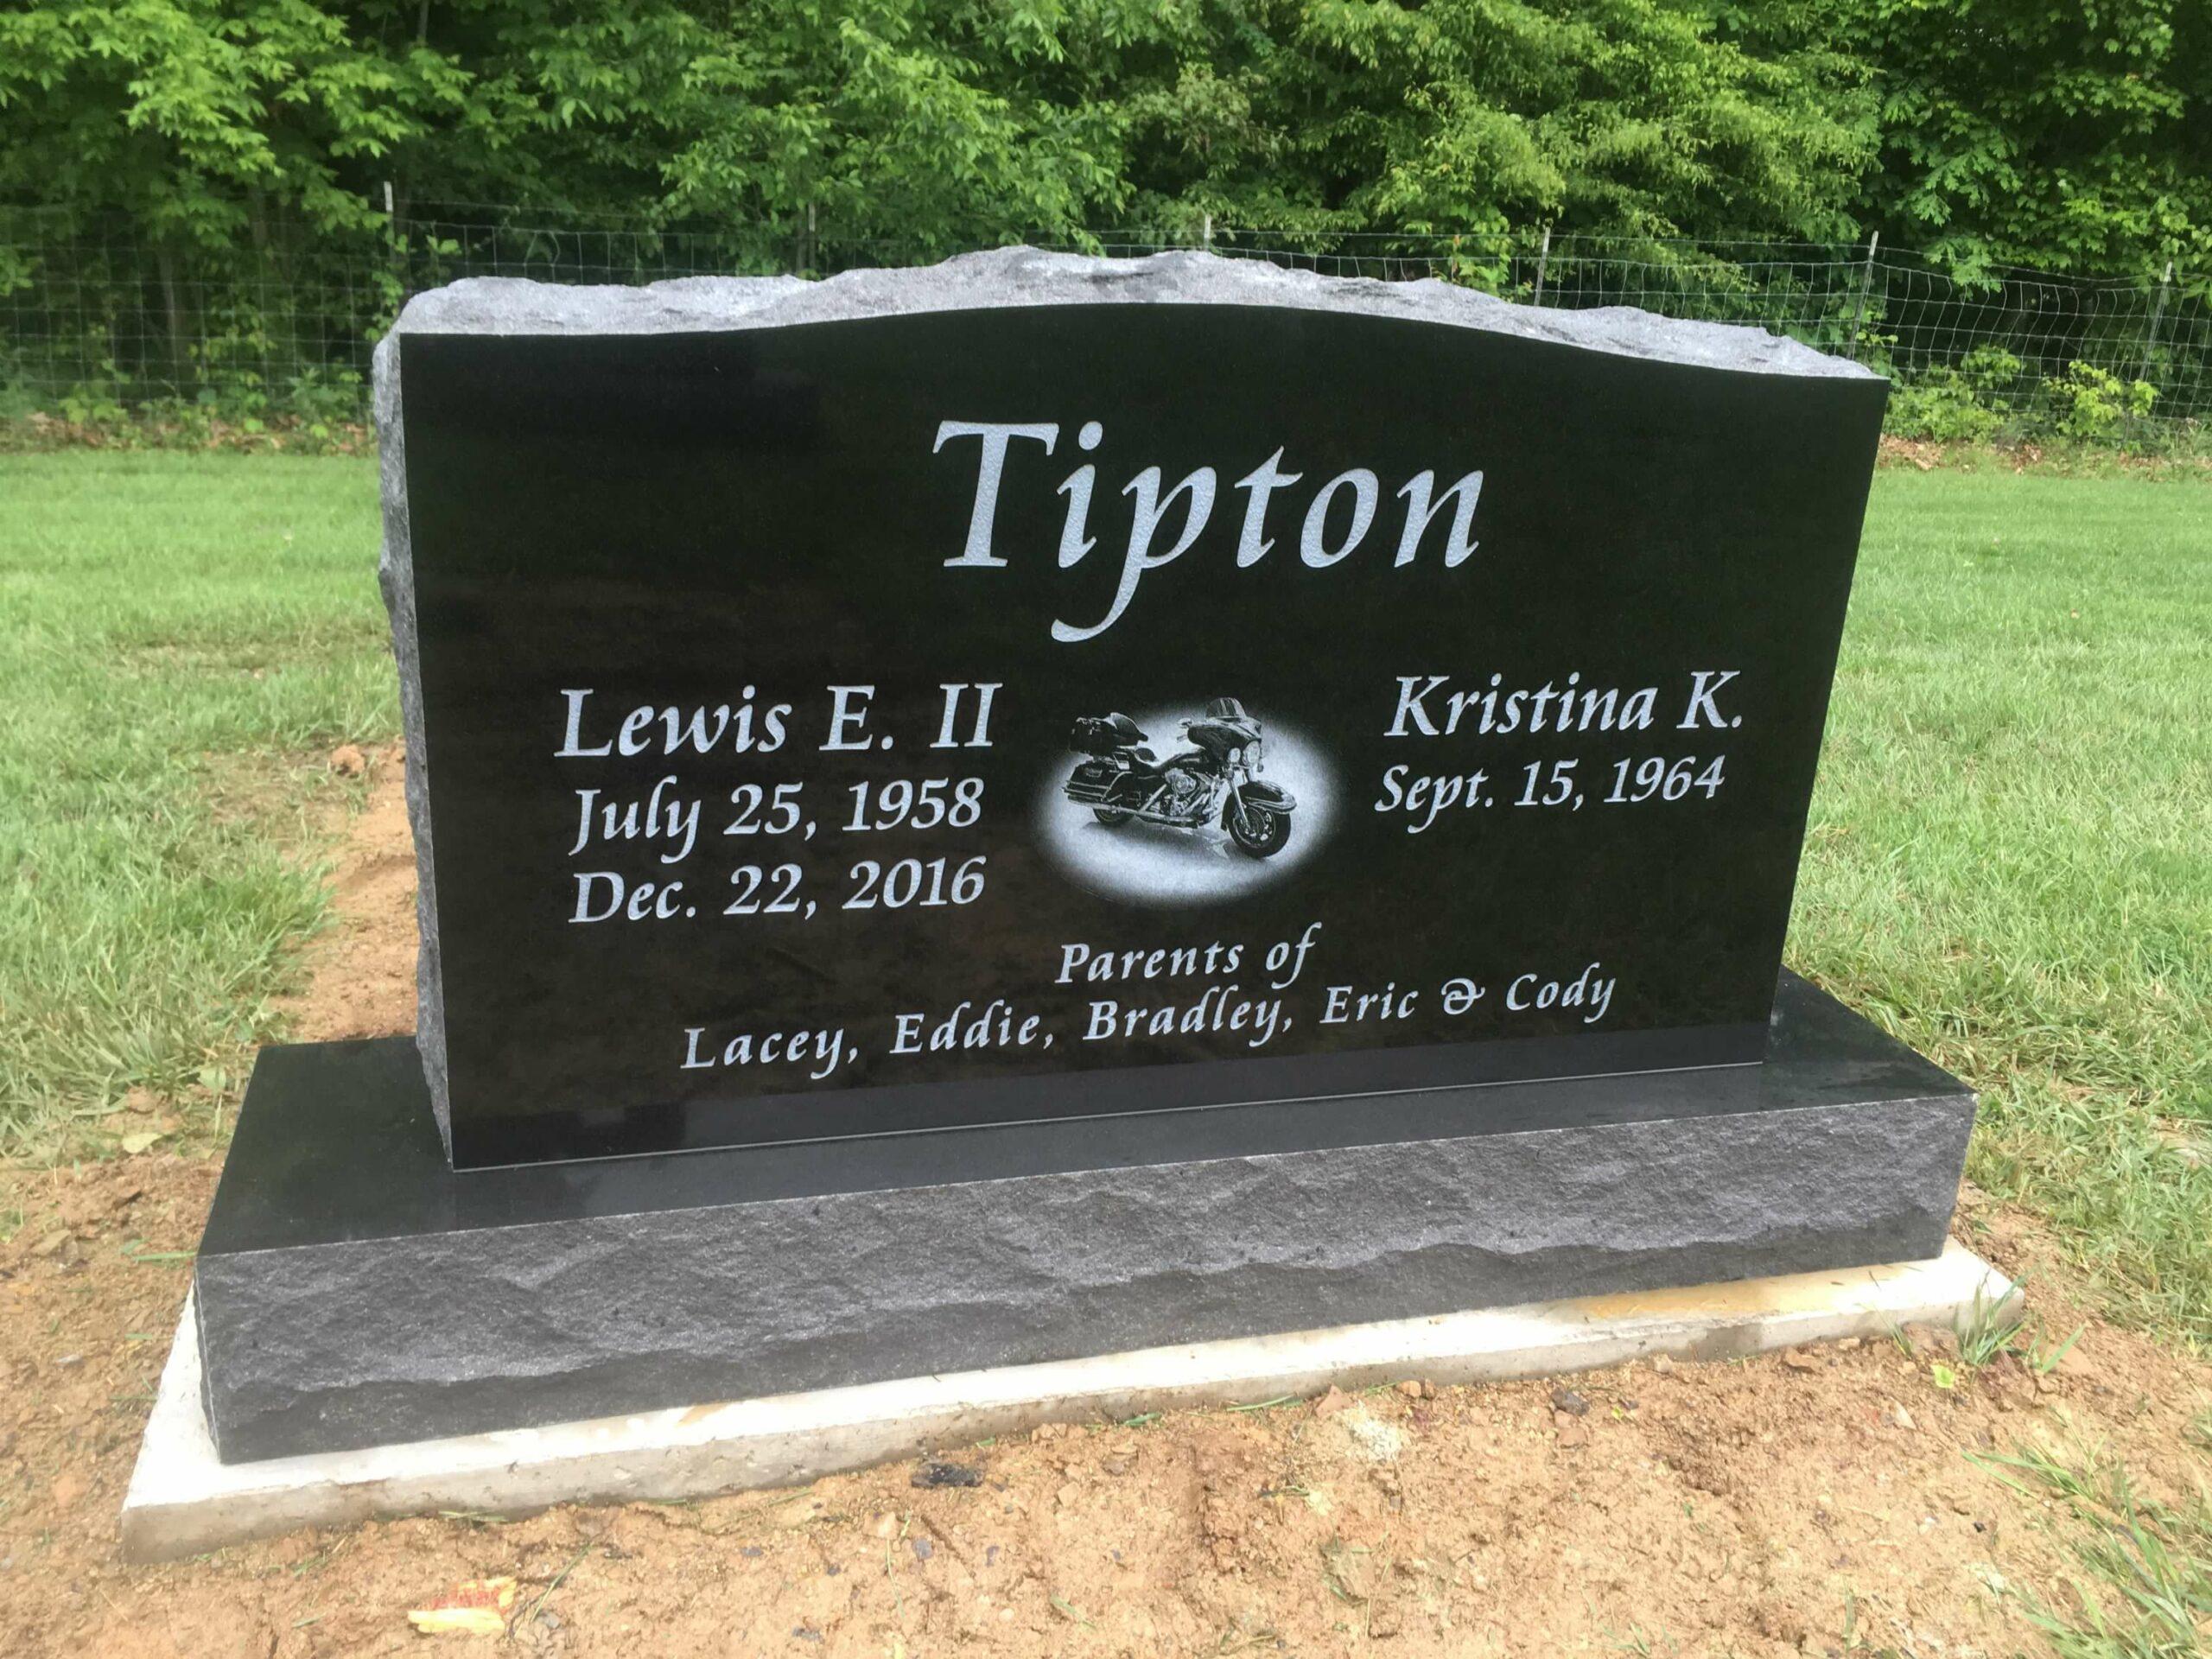 Tipton, Lewis E. II